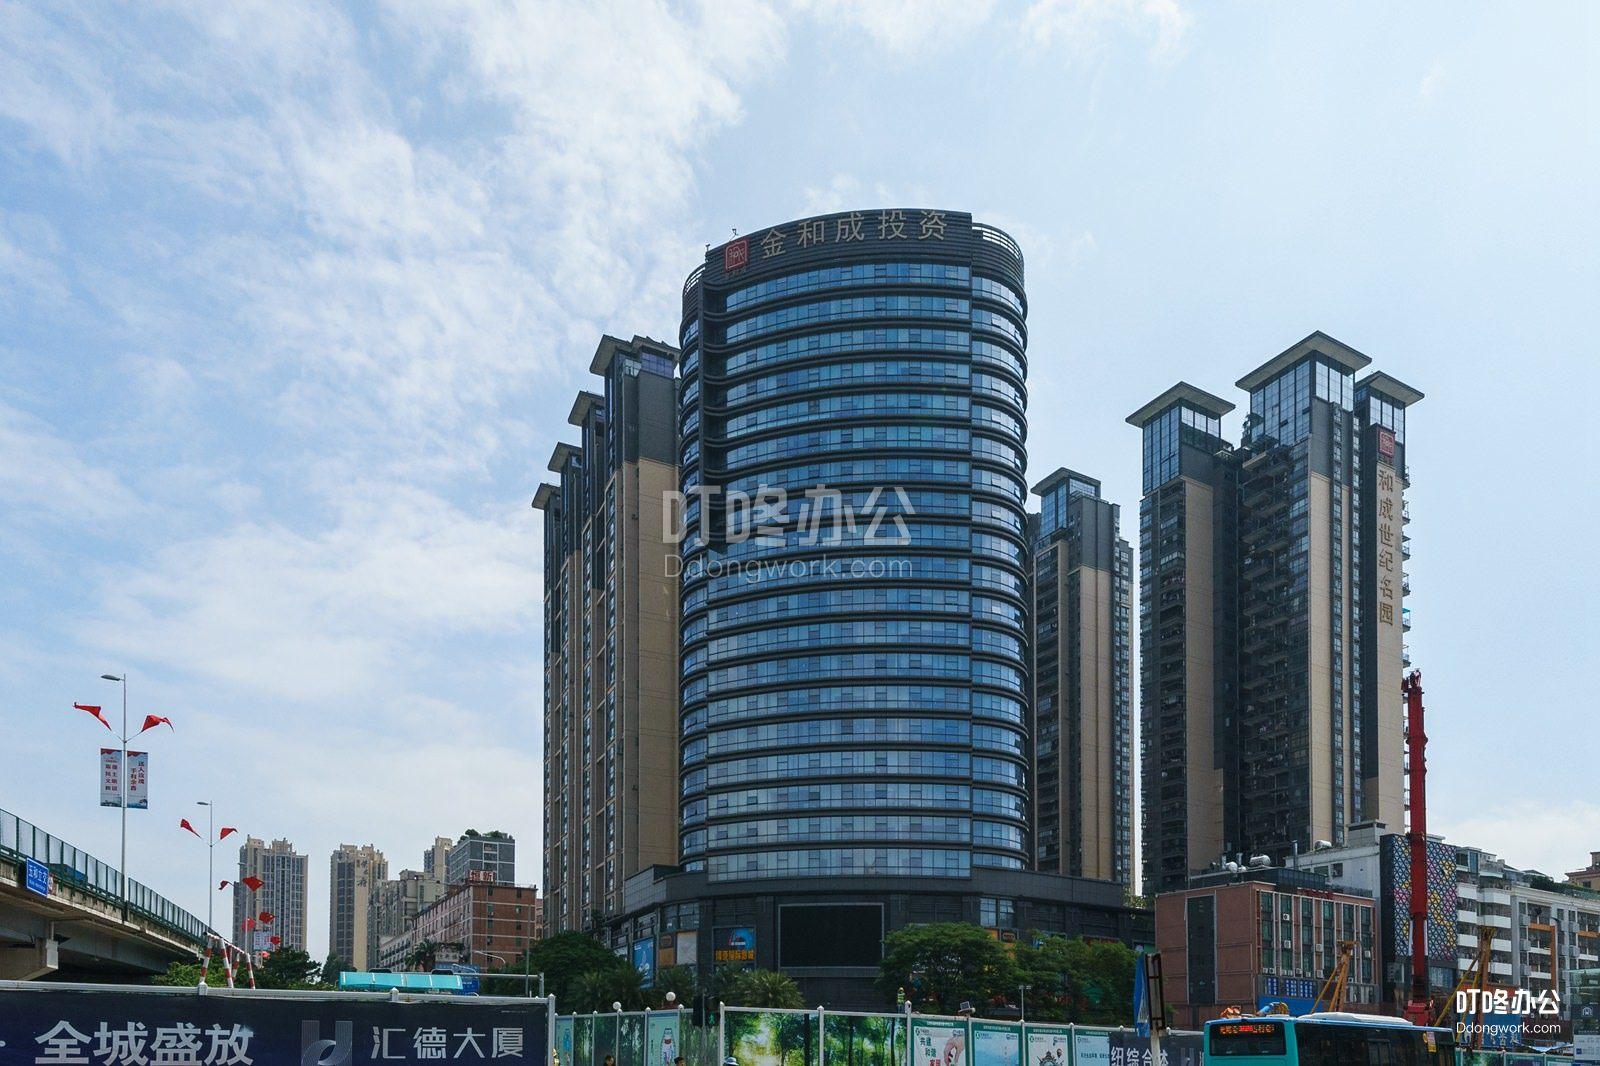 请问深圳市投资大厦在那个位置?